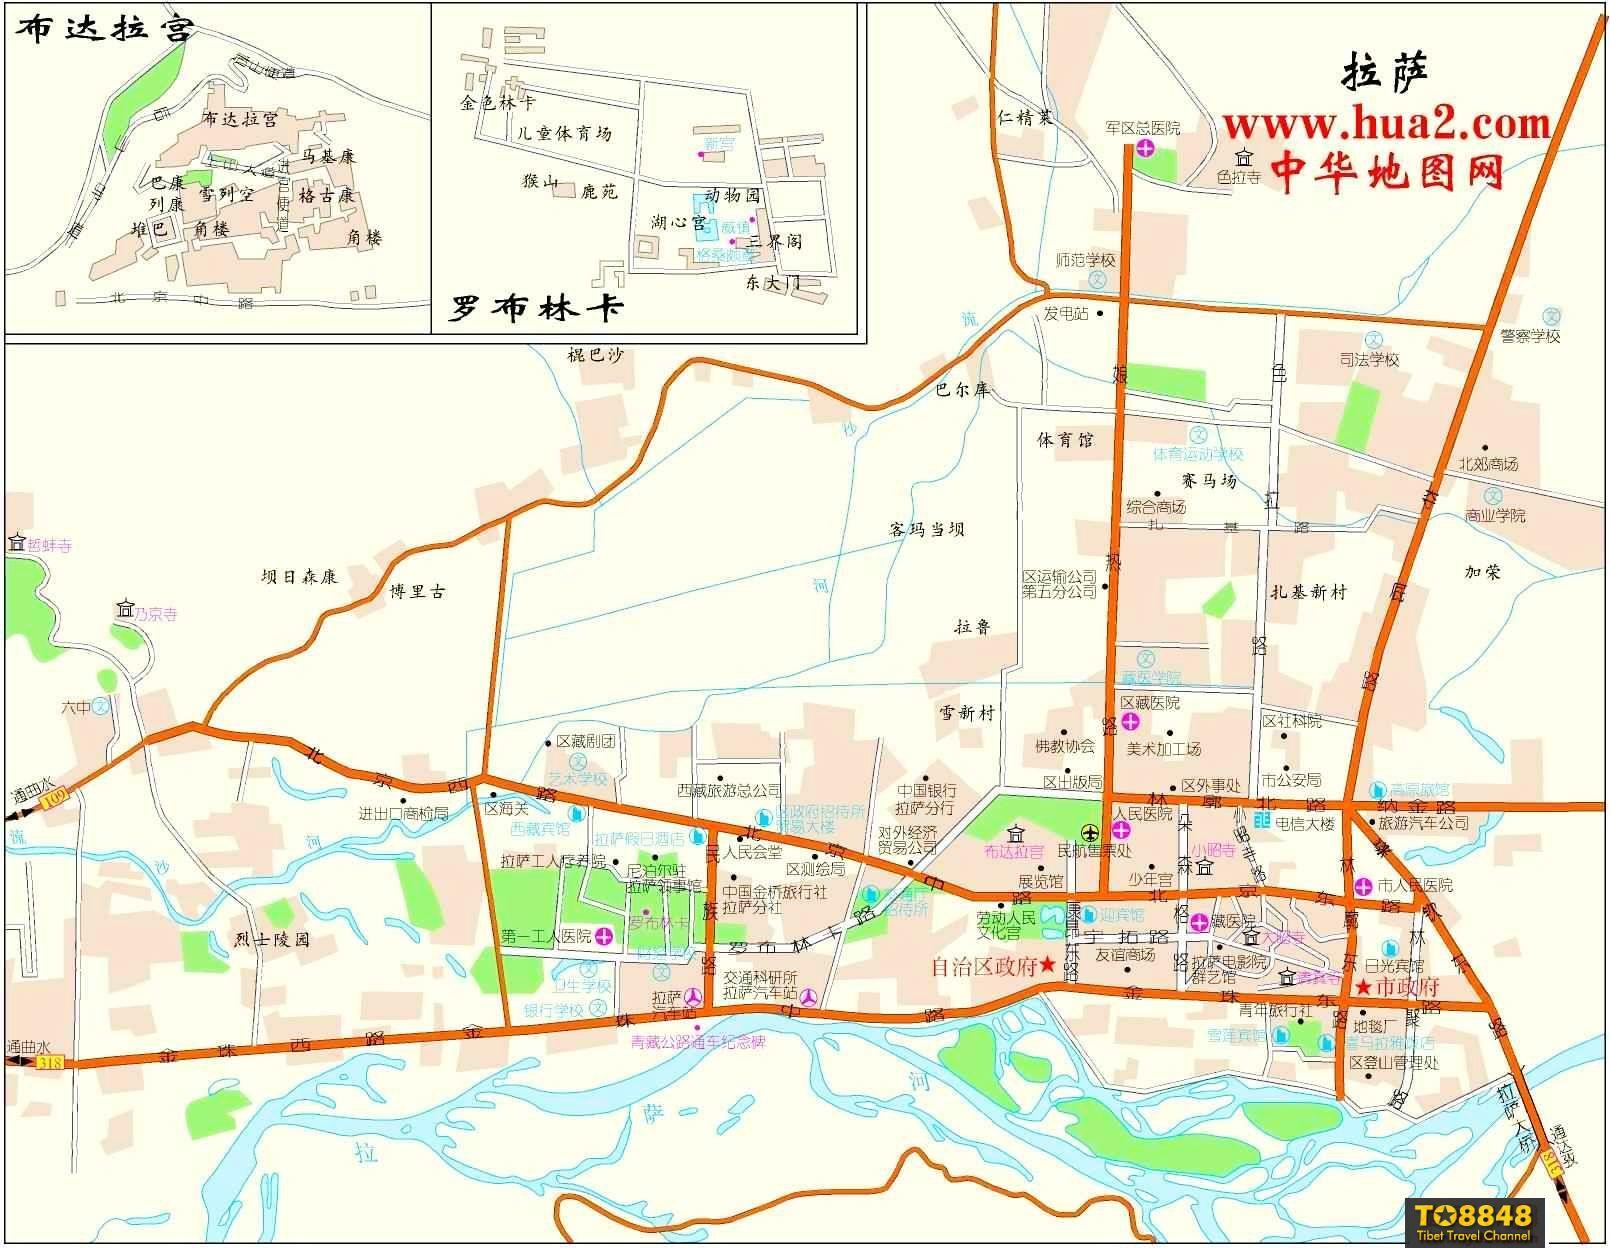 拉萨市区地图